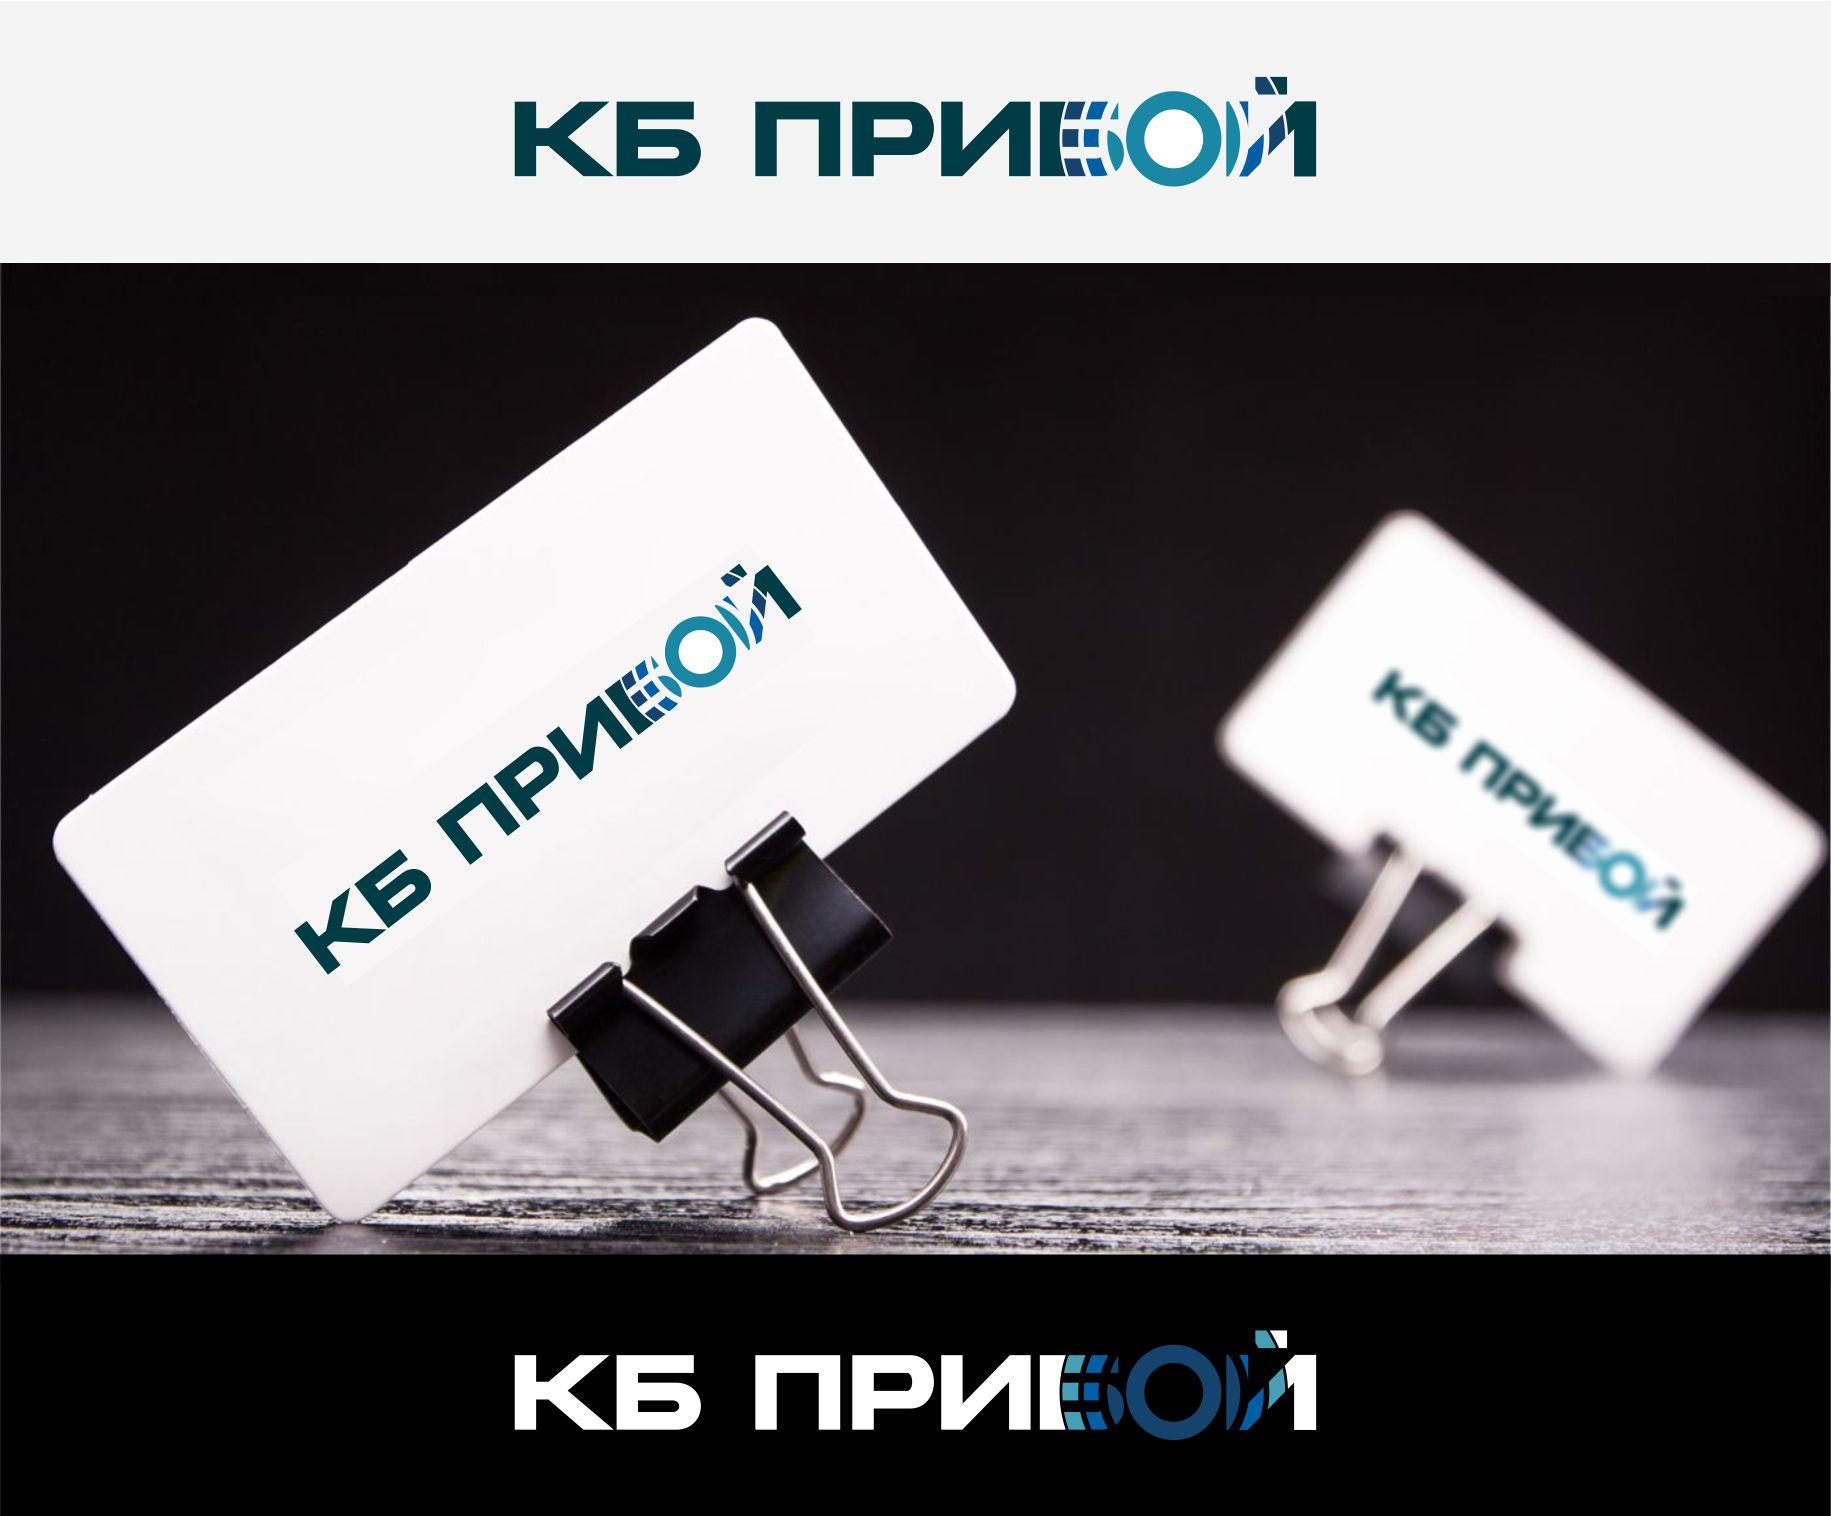 Разработка логотипа и фирменного стиля для КБ Прибой фото f_7575b2aa48a47045.jpg